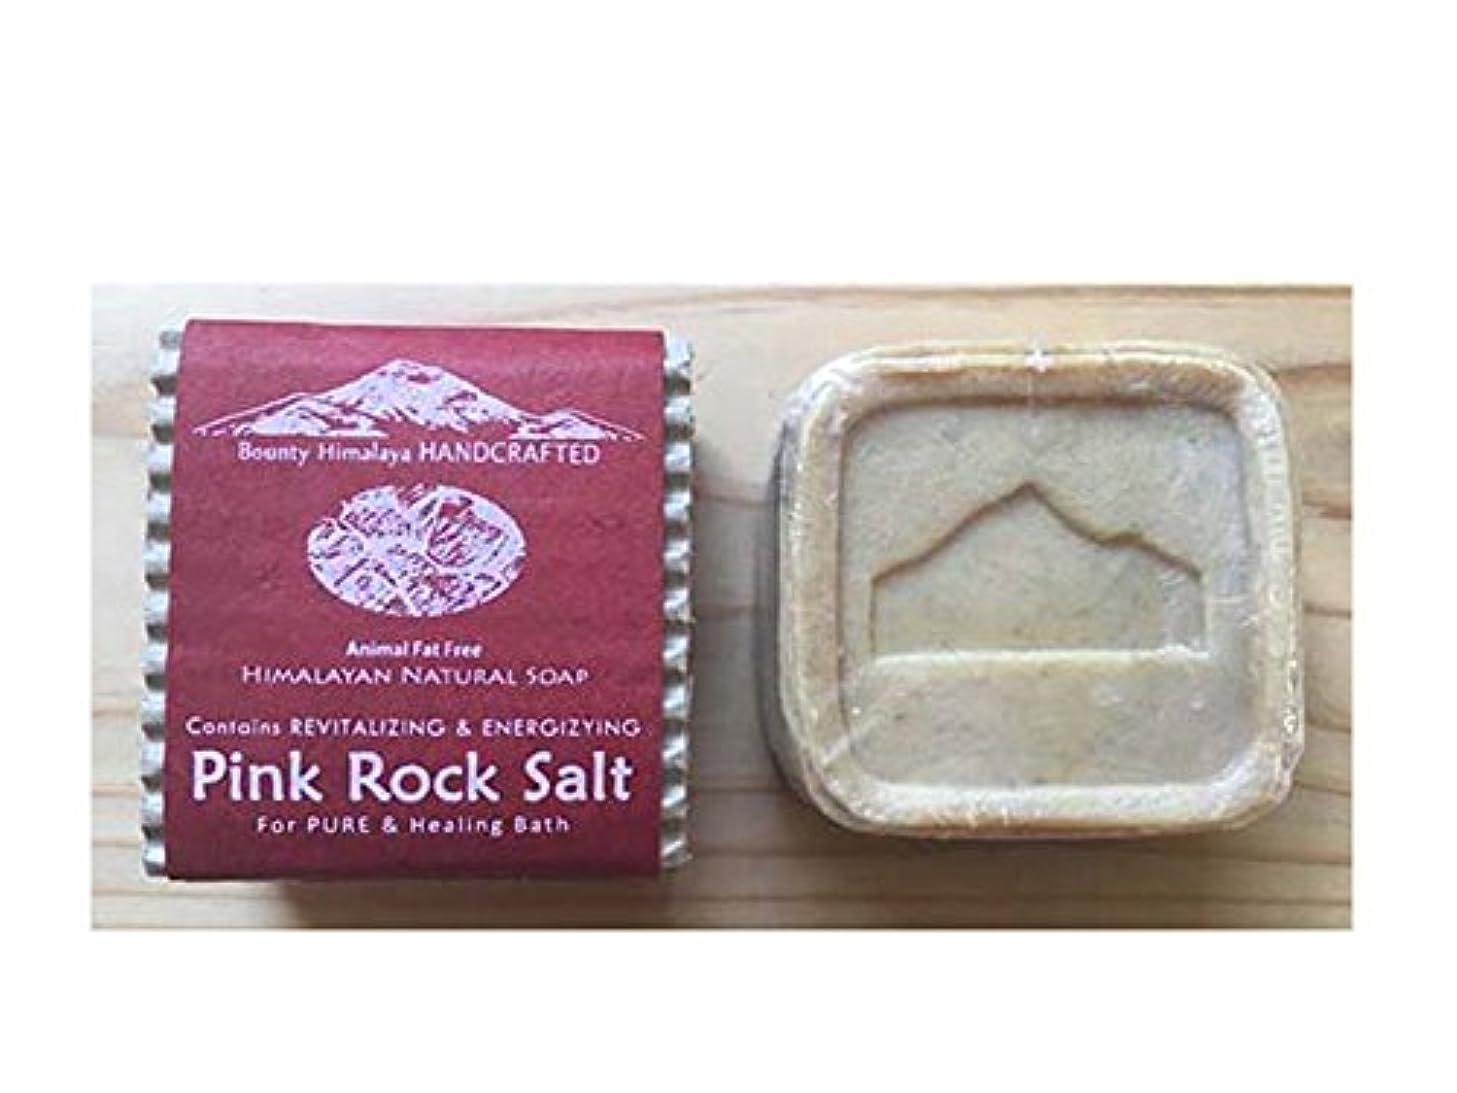 遺伝子形式ナチュラアーユルヴェーダ ヒマラヤ?ロッキーソープ(ピンクロックソルトソープ) Bounty Himalaya Pink Rock Salt SOAP(NEPAL AYURVEDA) 100g